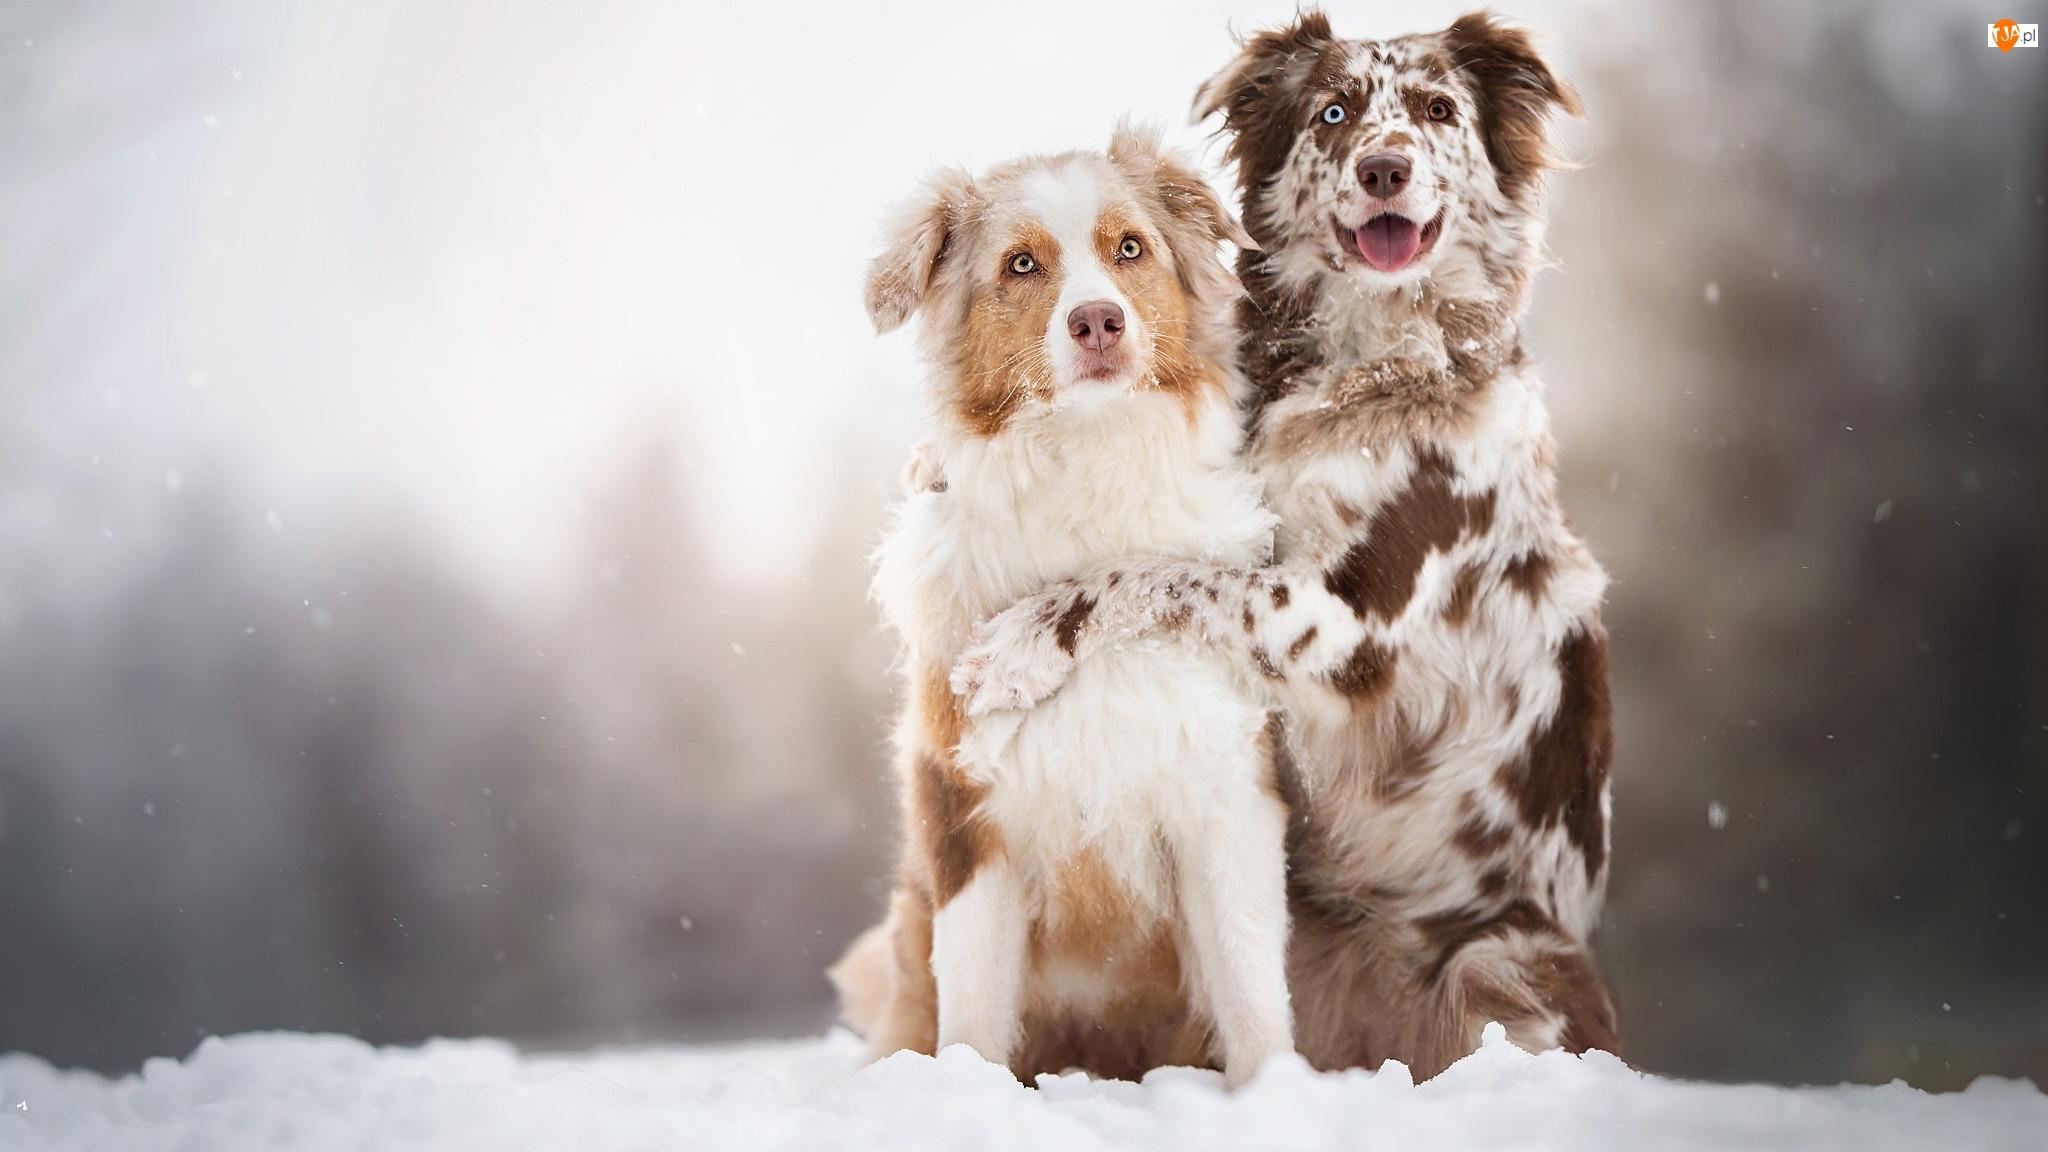 Dwa, Śnieg, Psy, Owczarki australijskie